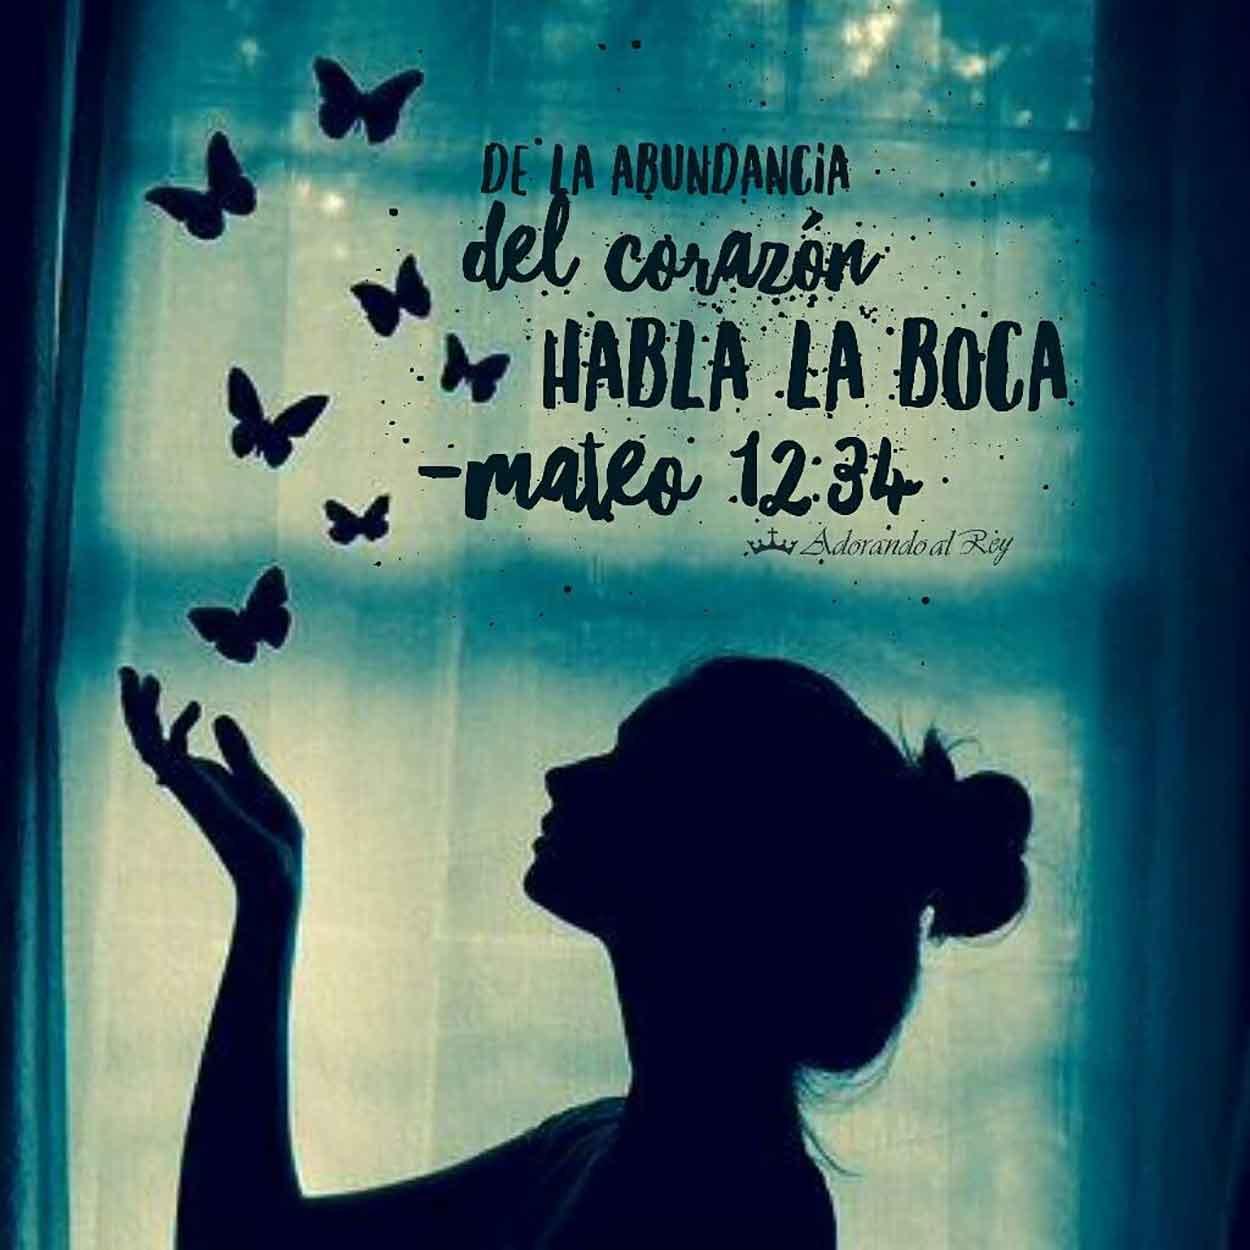 Mateo 12:34